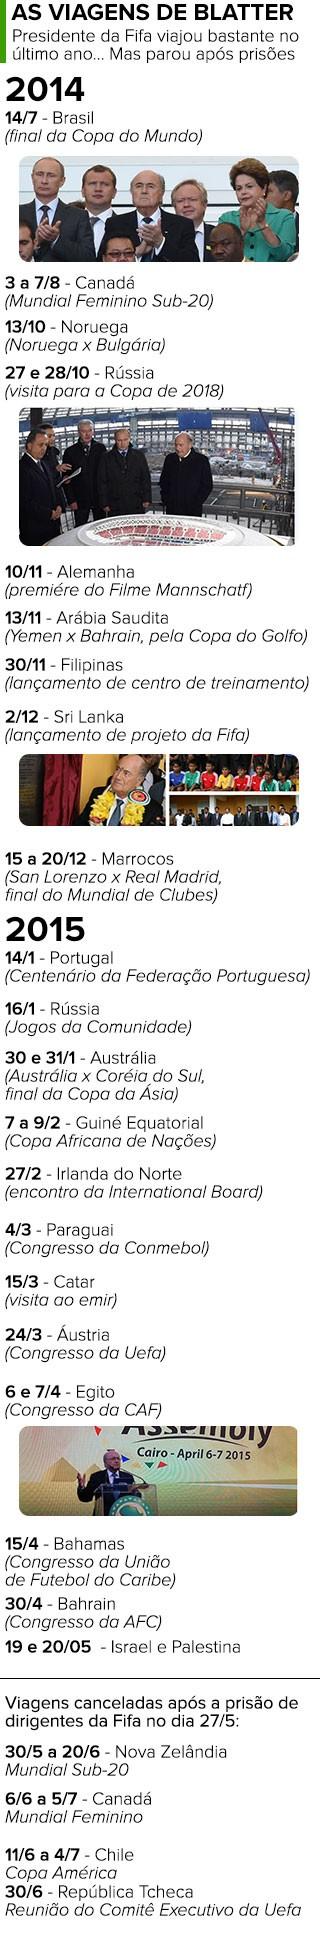 INFO - linha do tempo Joseph Blatter fifa viagens 2  (Foto: Editoria de Arte)